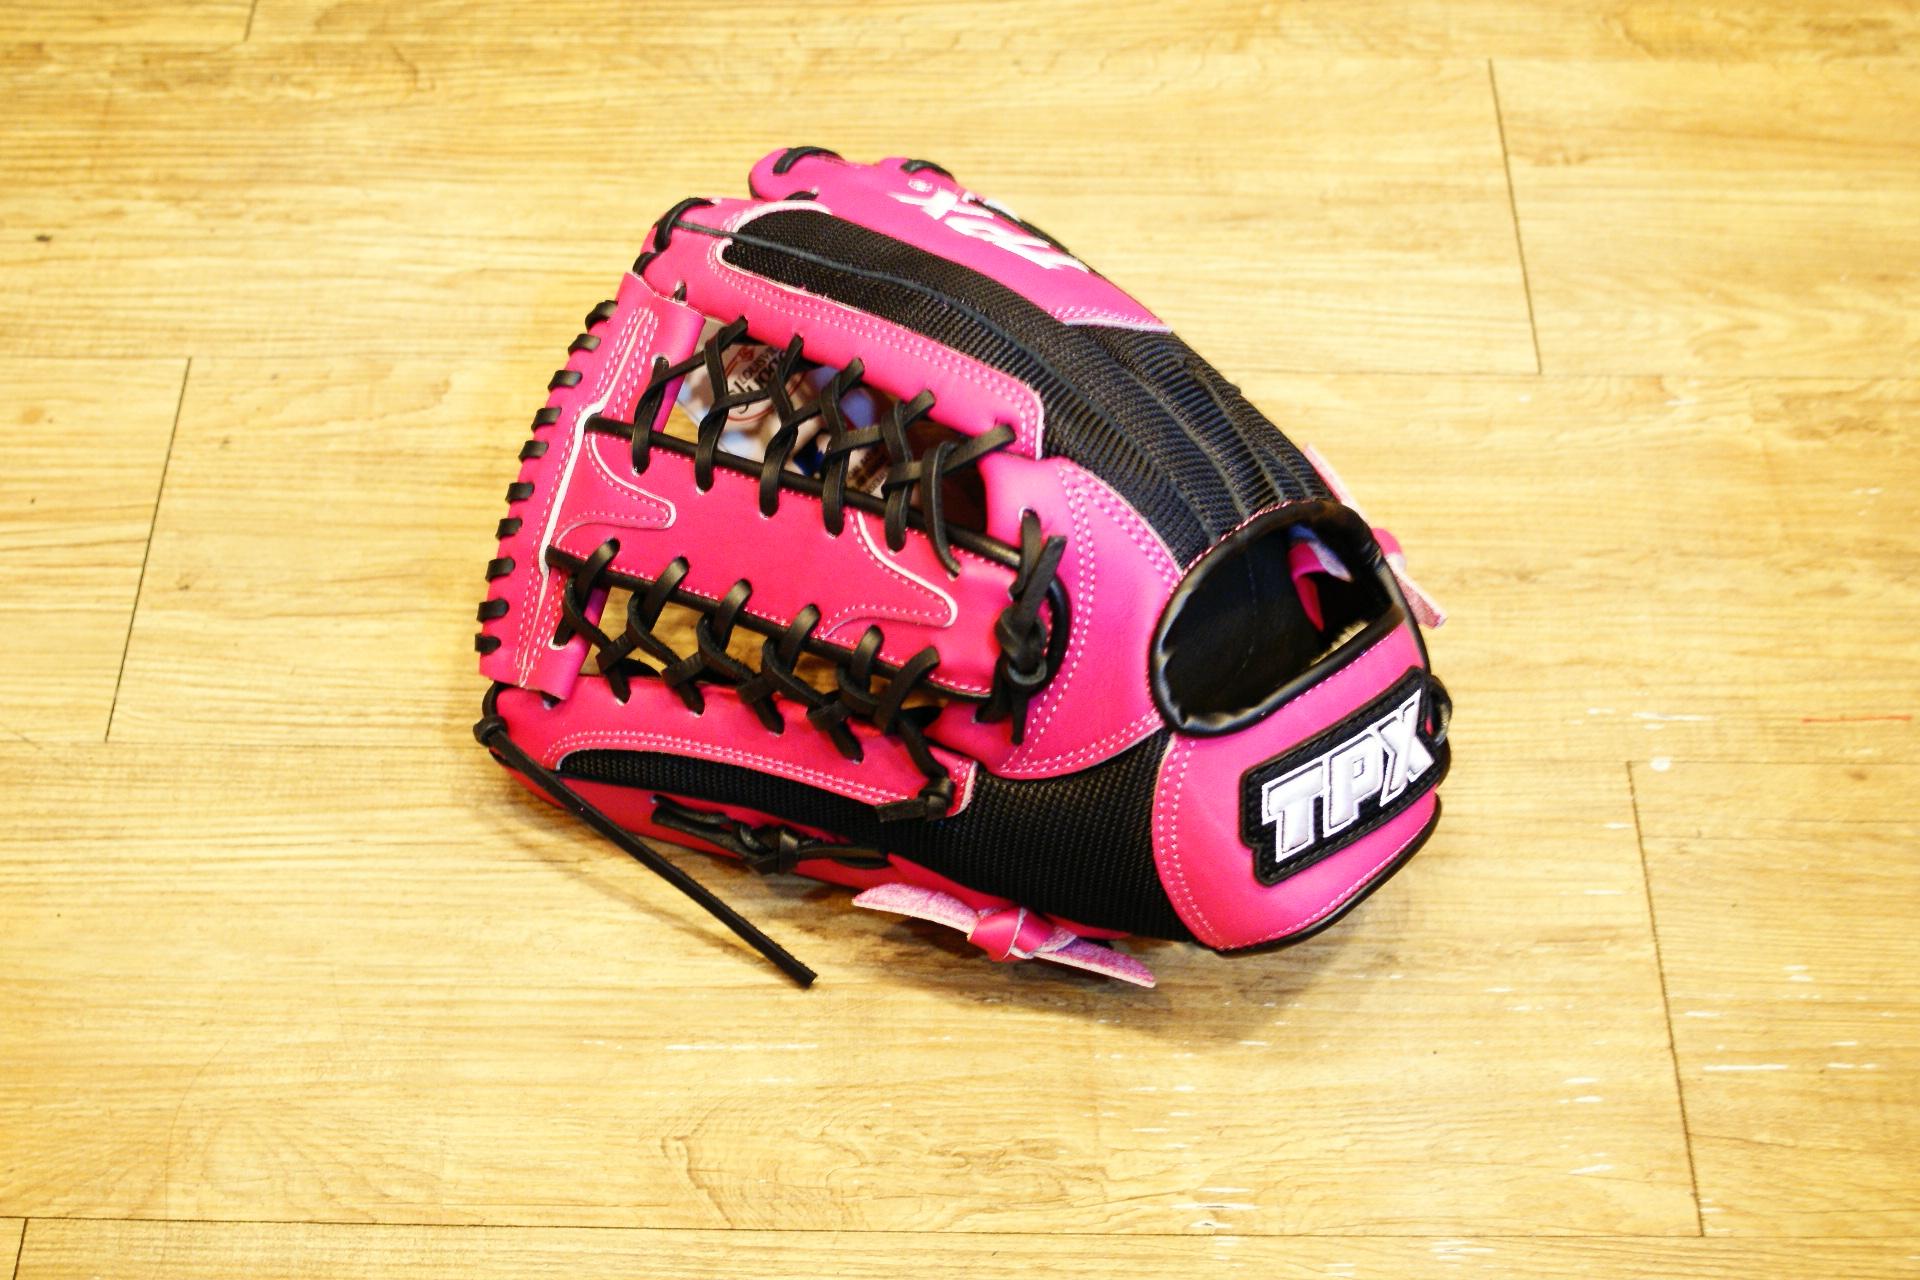 棒球世界 Louisvill Slugger 路易斯威爾TPX 布織布 外野網棒壘球手套 特價 黑粉配 反手用